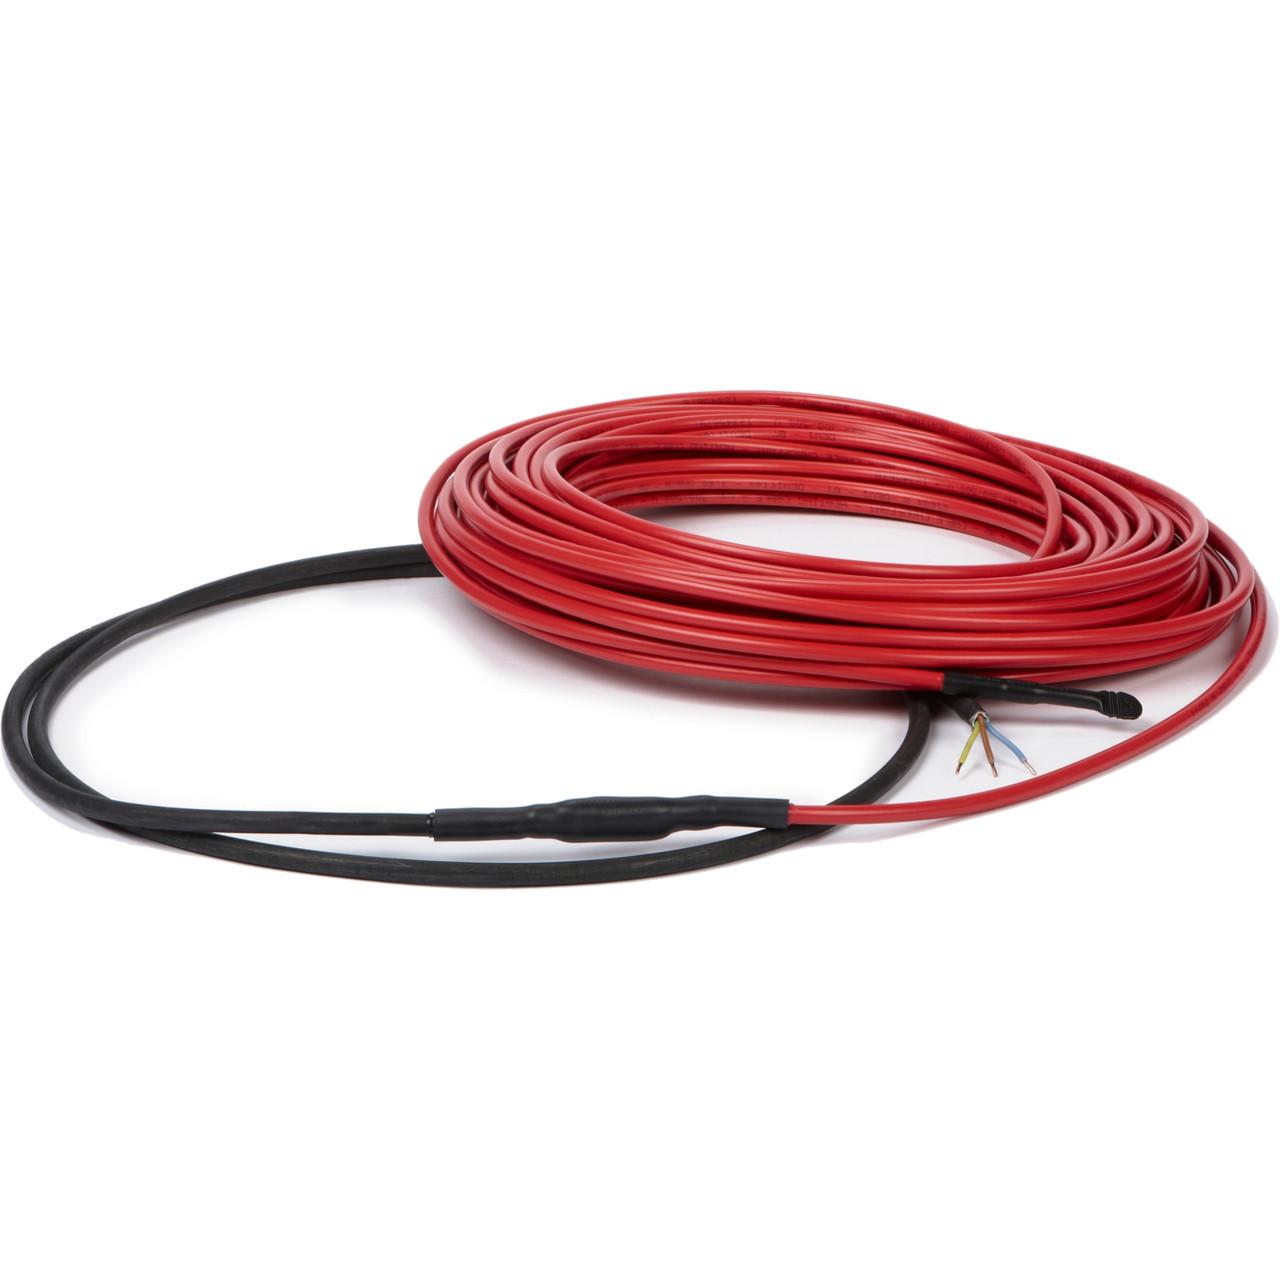 Теплый пол DeviComfort 10T двужильный, тонкий кабель с сплошным экраном, 600W, 3.7 м.кв.(87101110)